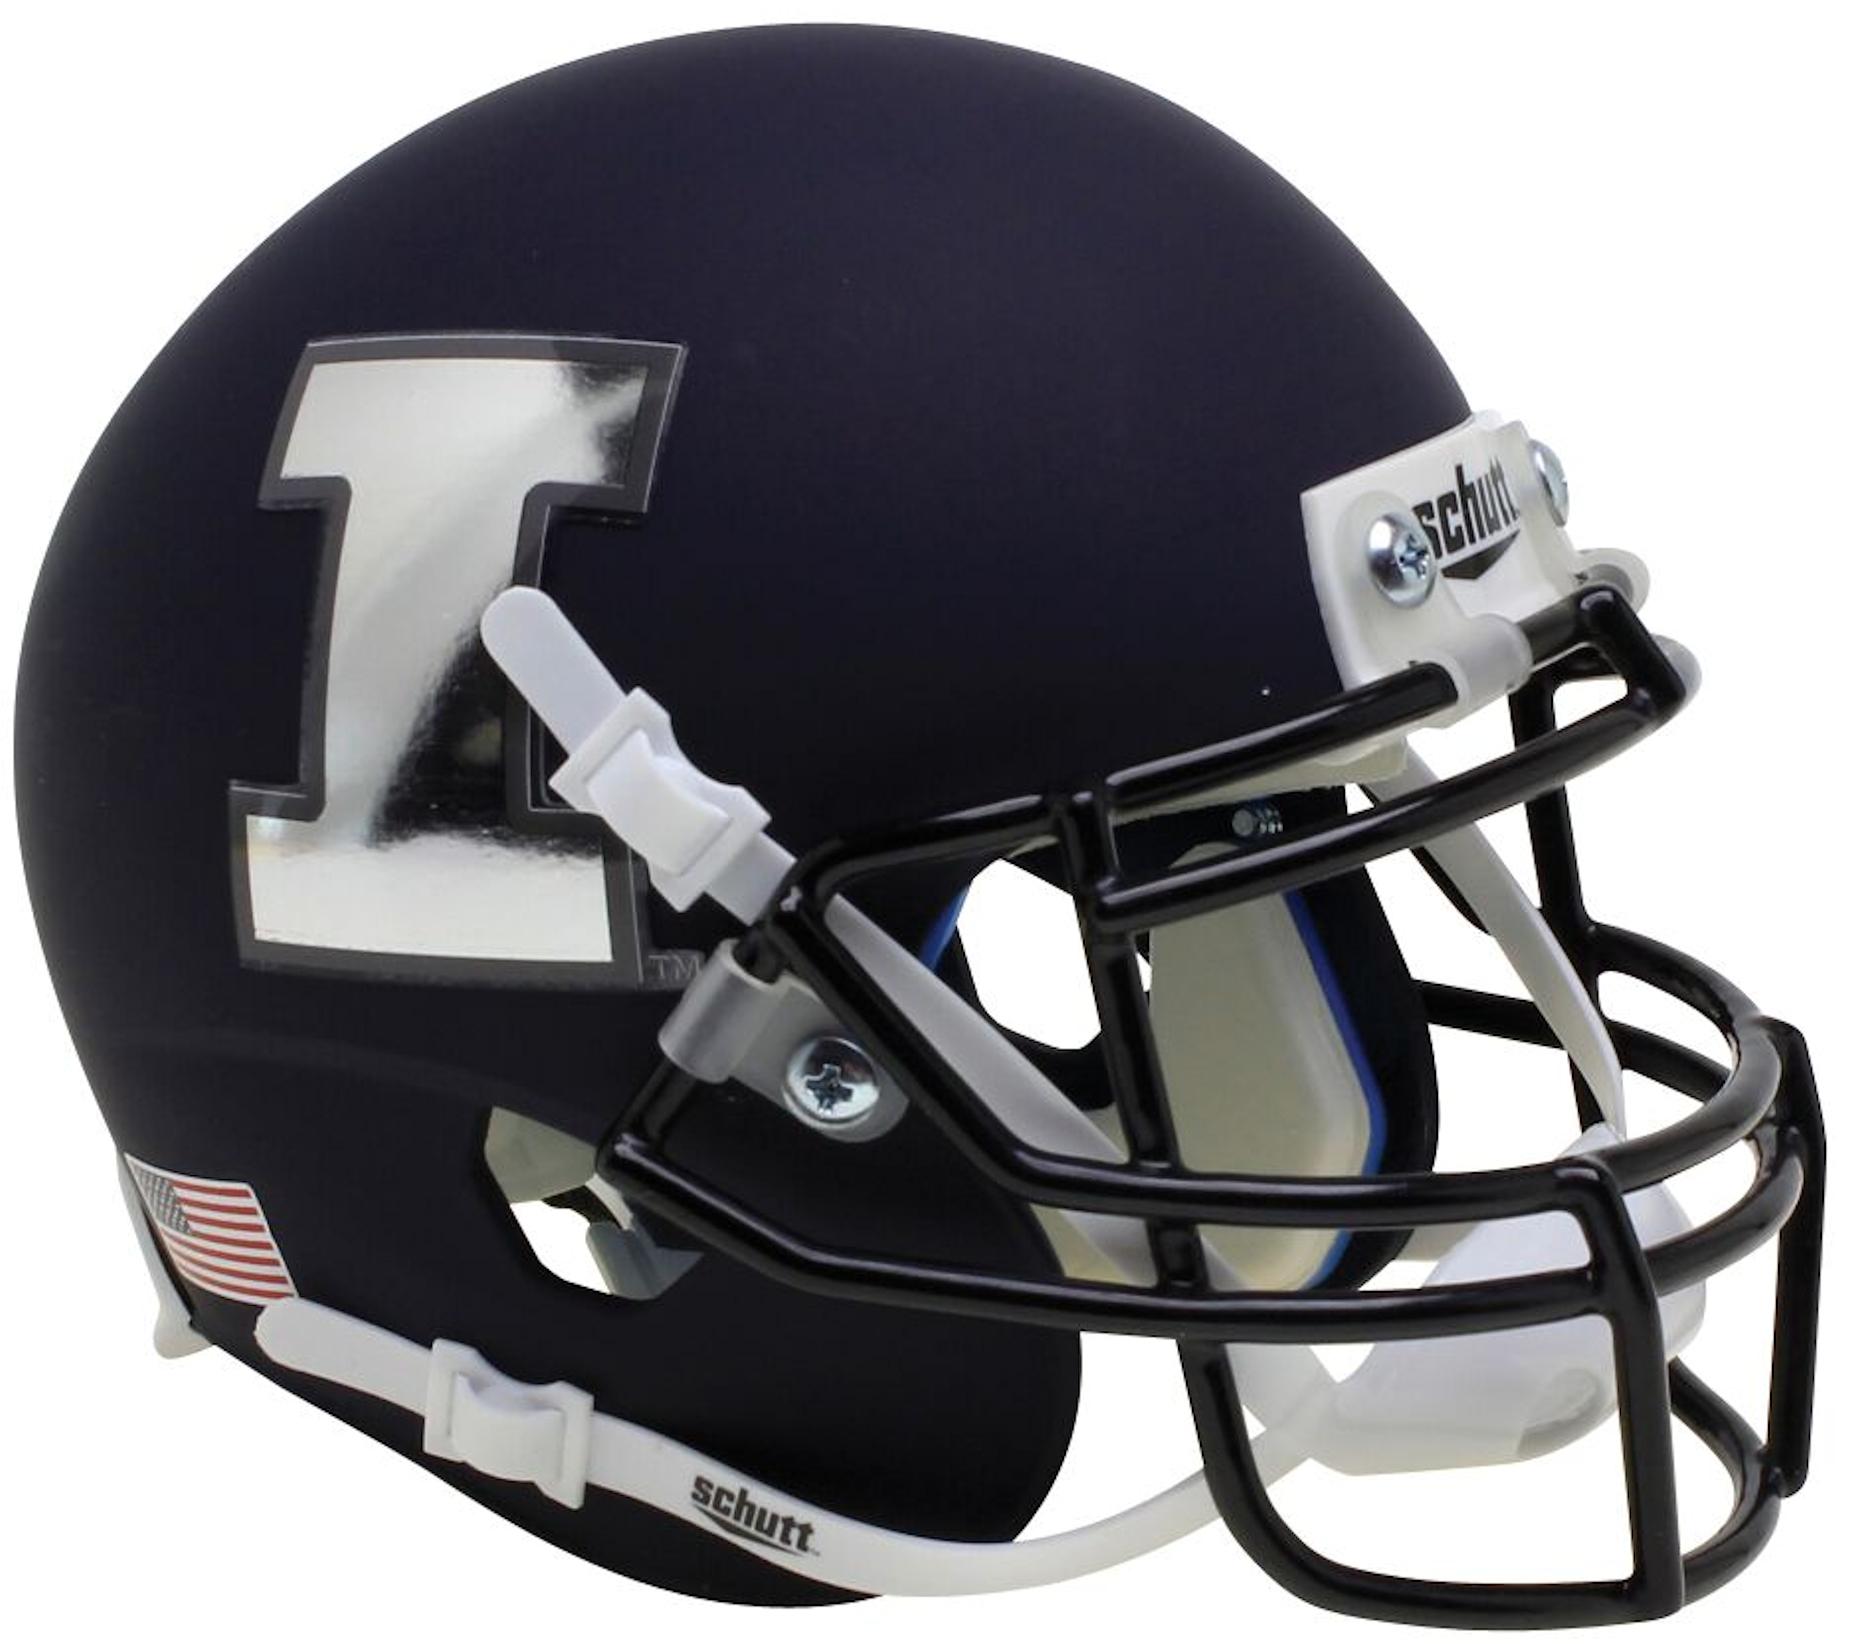 Illinois Fighting Illini Full XP Replica Football Helmet Schutt <B>Matte Black</B>